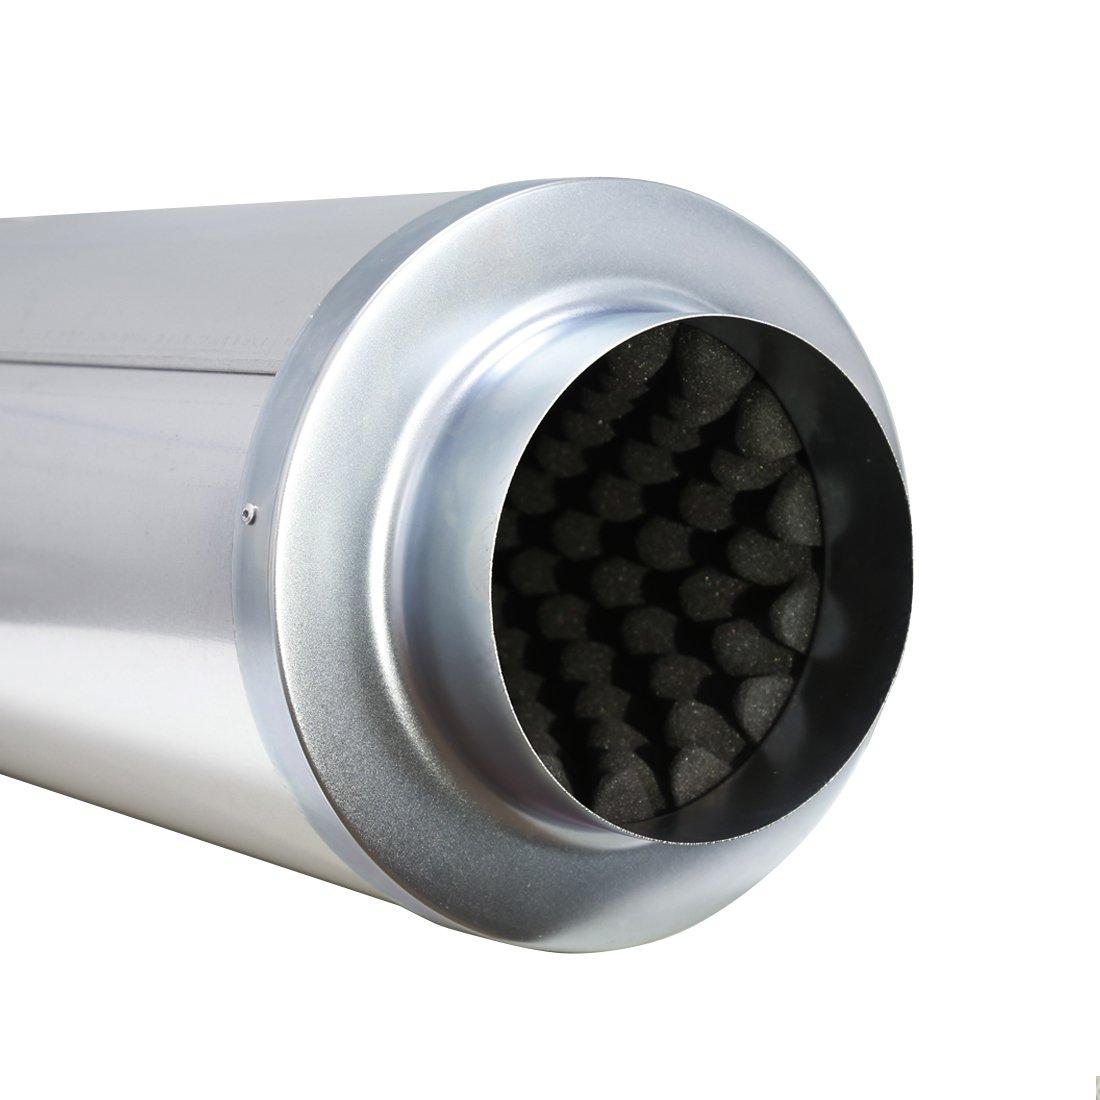 VIVOSUN 4 Inch Prefilter for 4 Carbon Filter